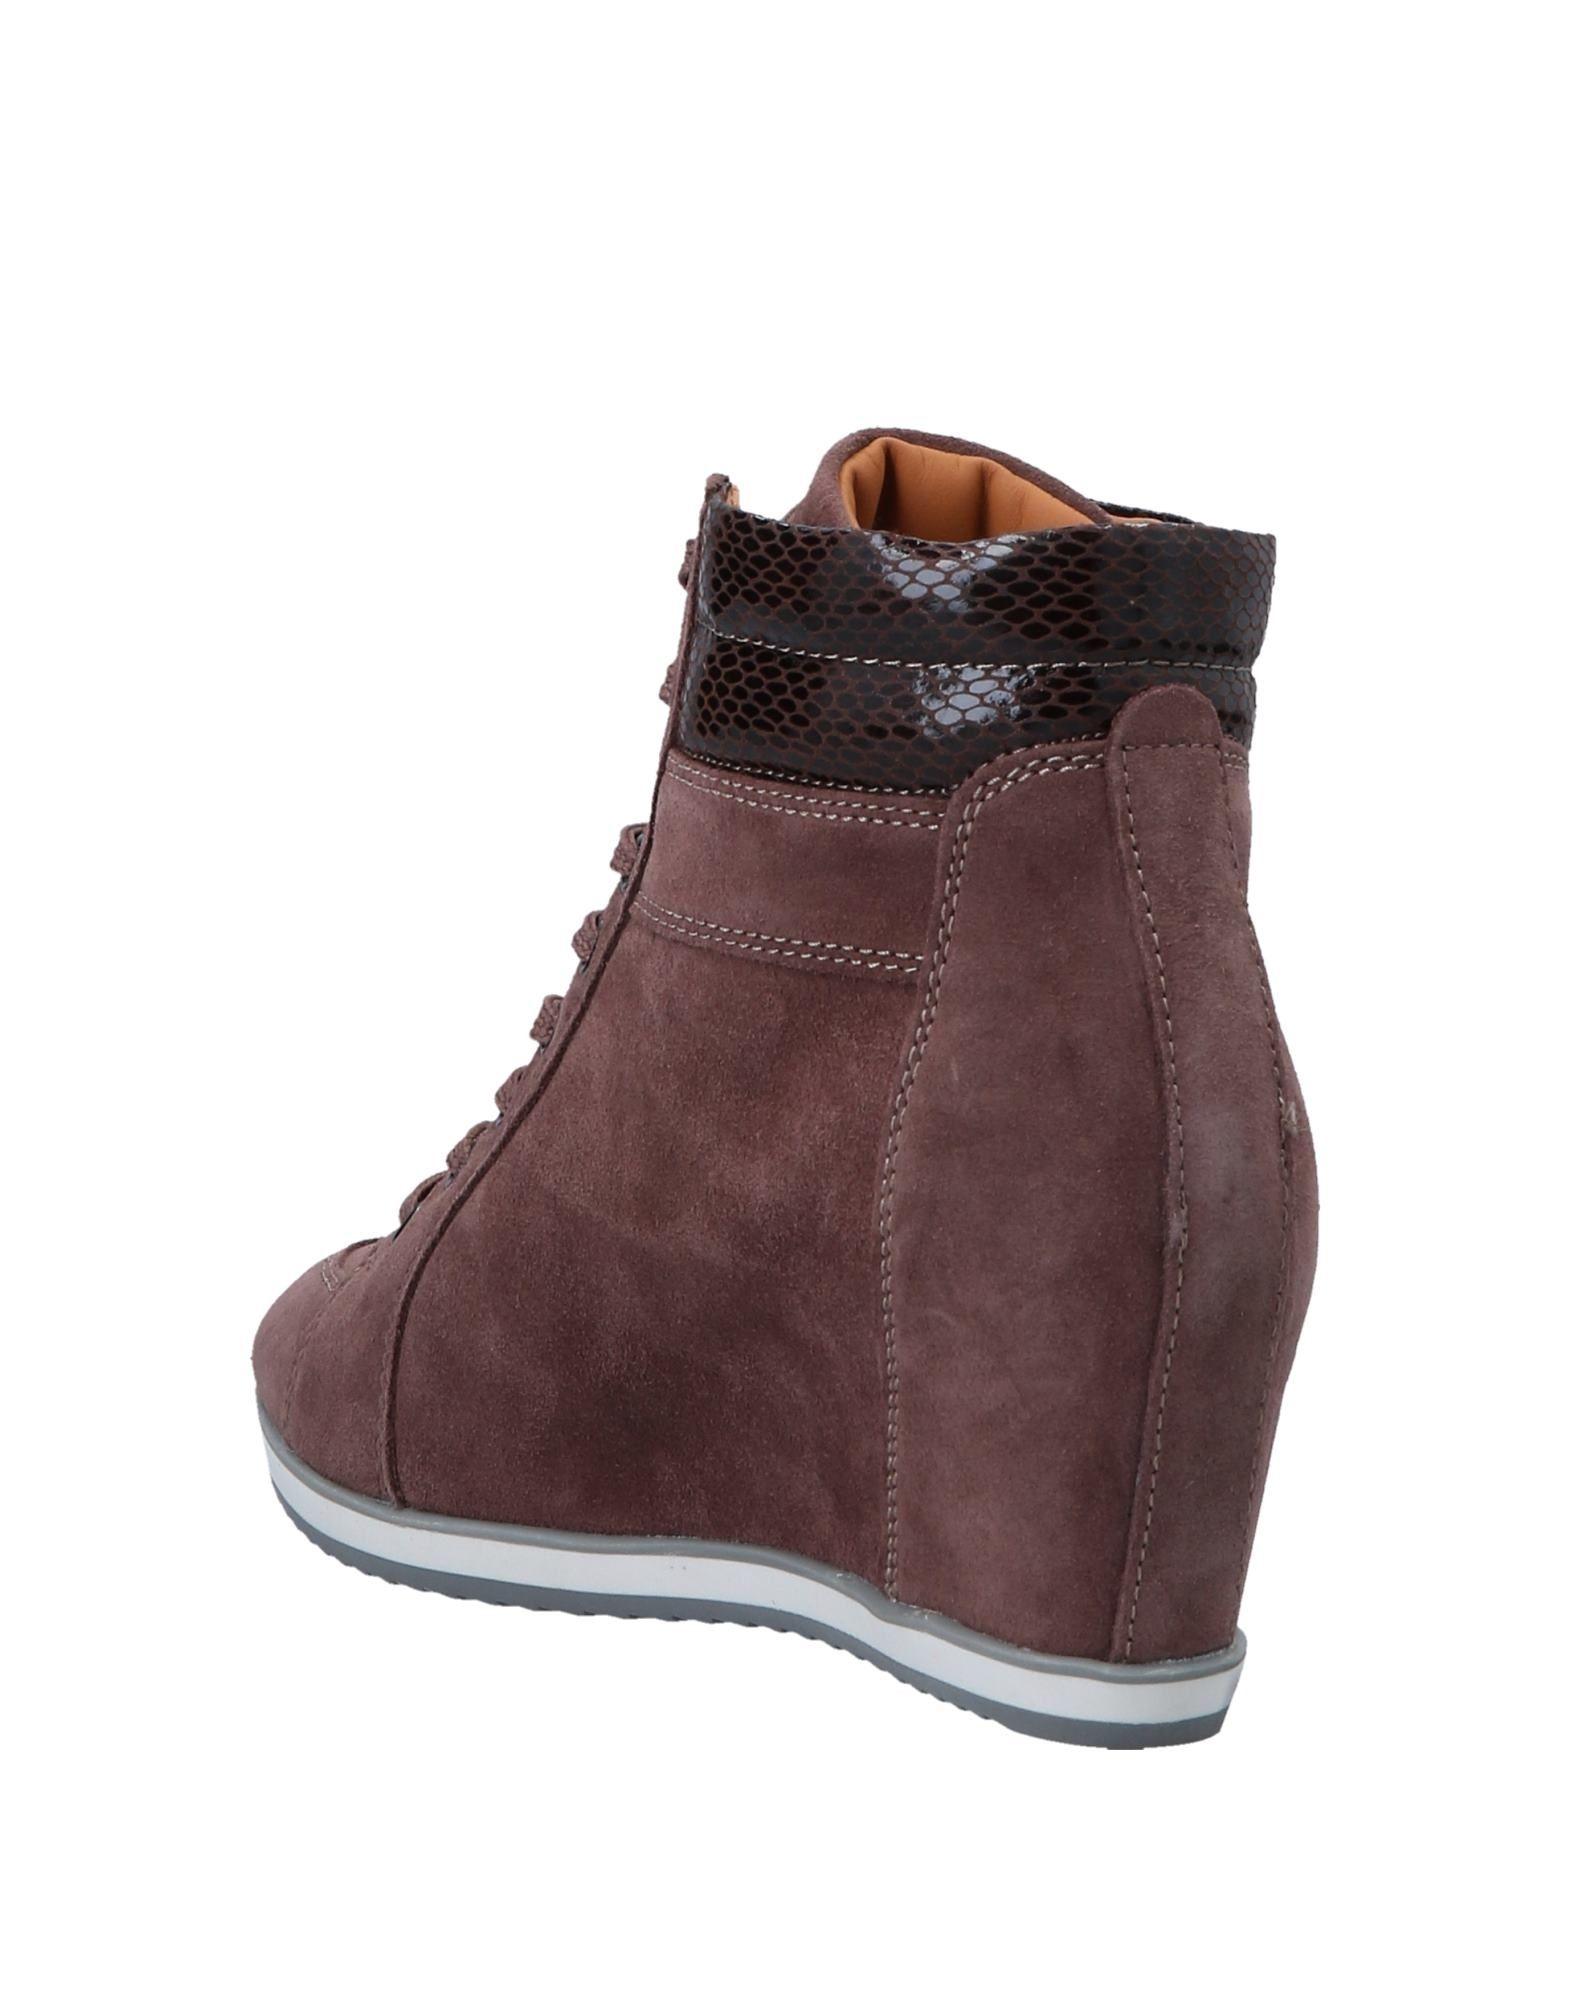 Geox Sneakers Schuhe Damen  11554390RL Gute Qualität beliebte Schuhe Sneakers cc3b27